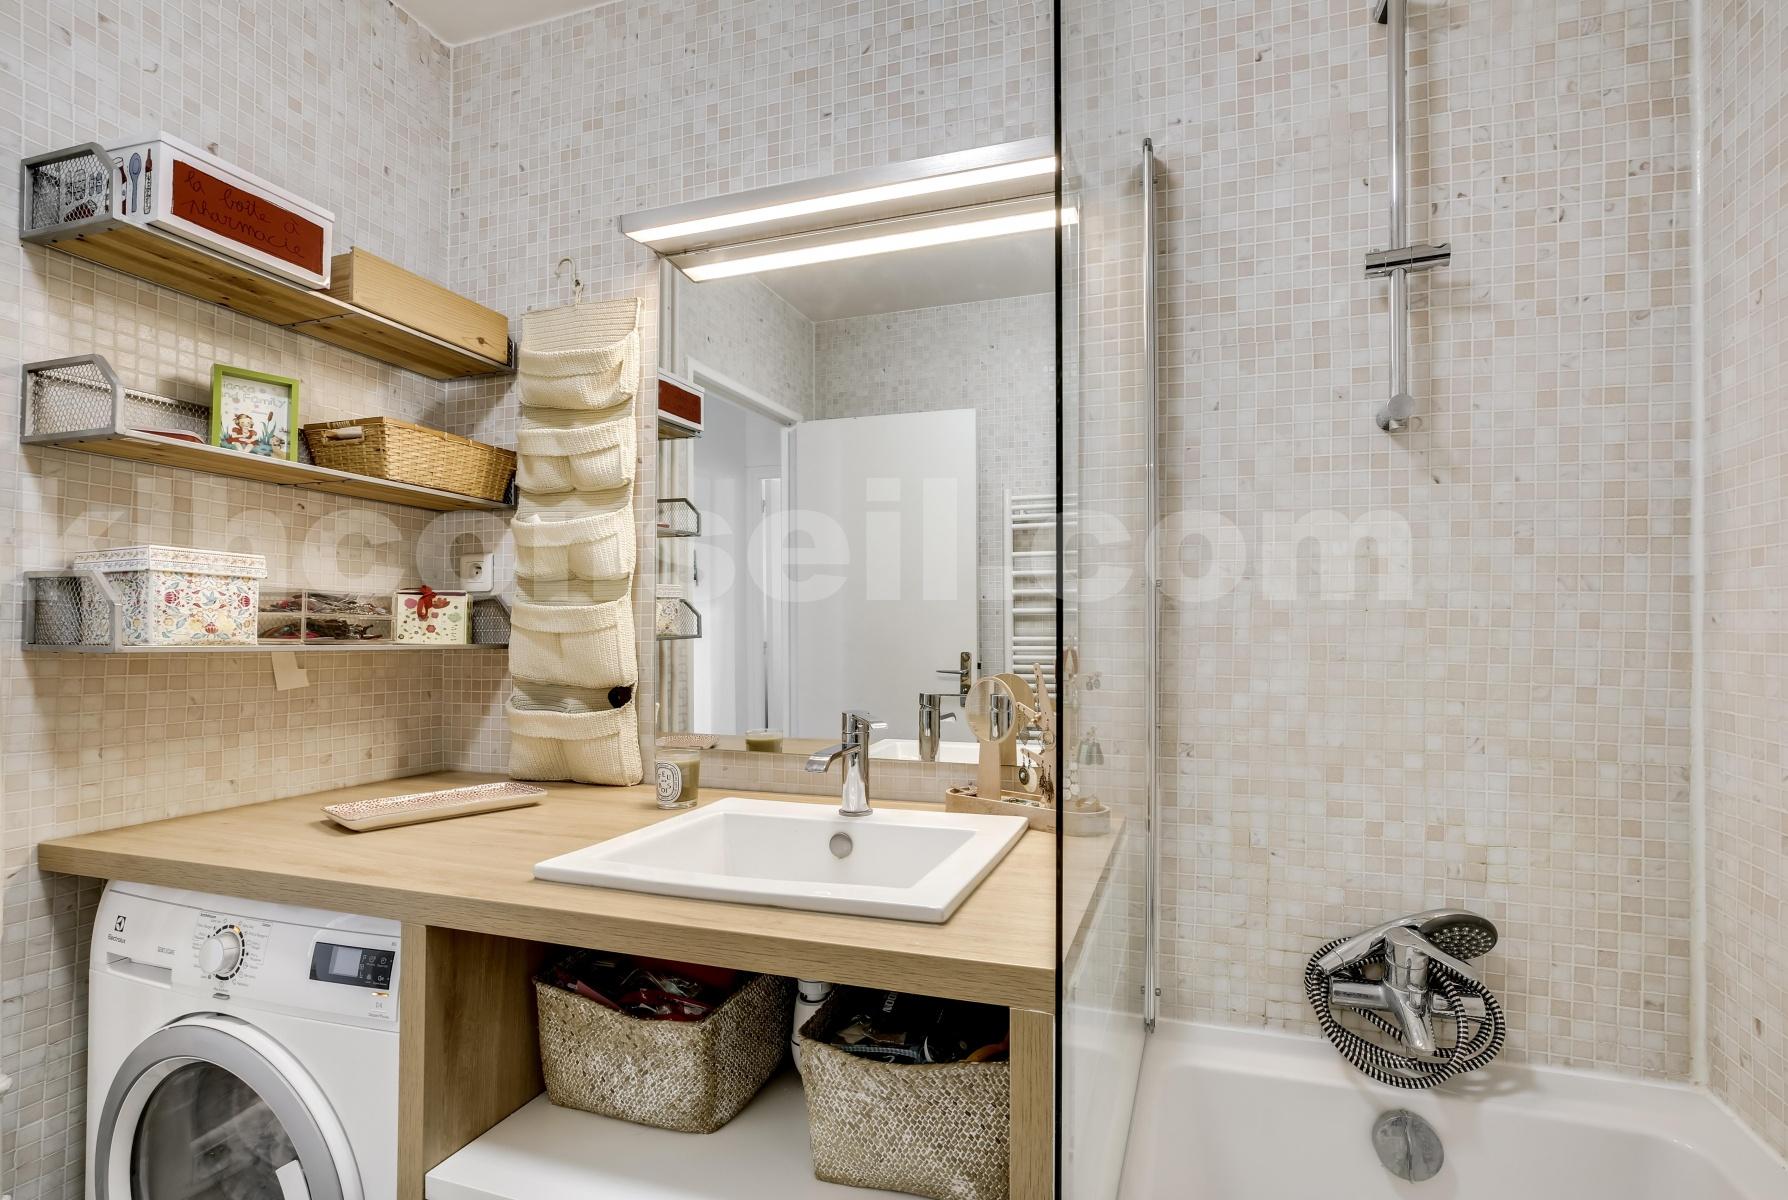 Vente Appartement de 4 pièces 77 m² - COLOMBES 92700 | KLH Conseil - AR photo9